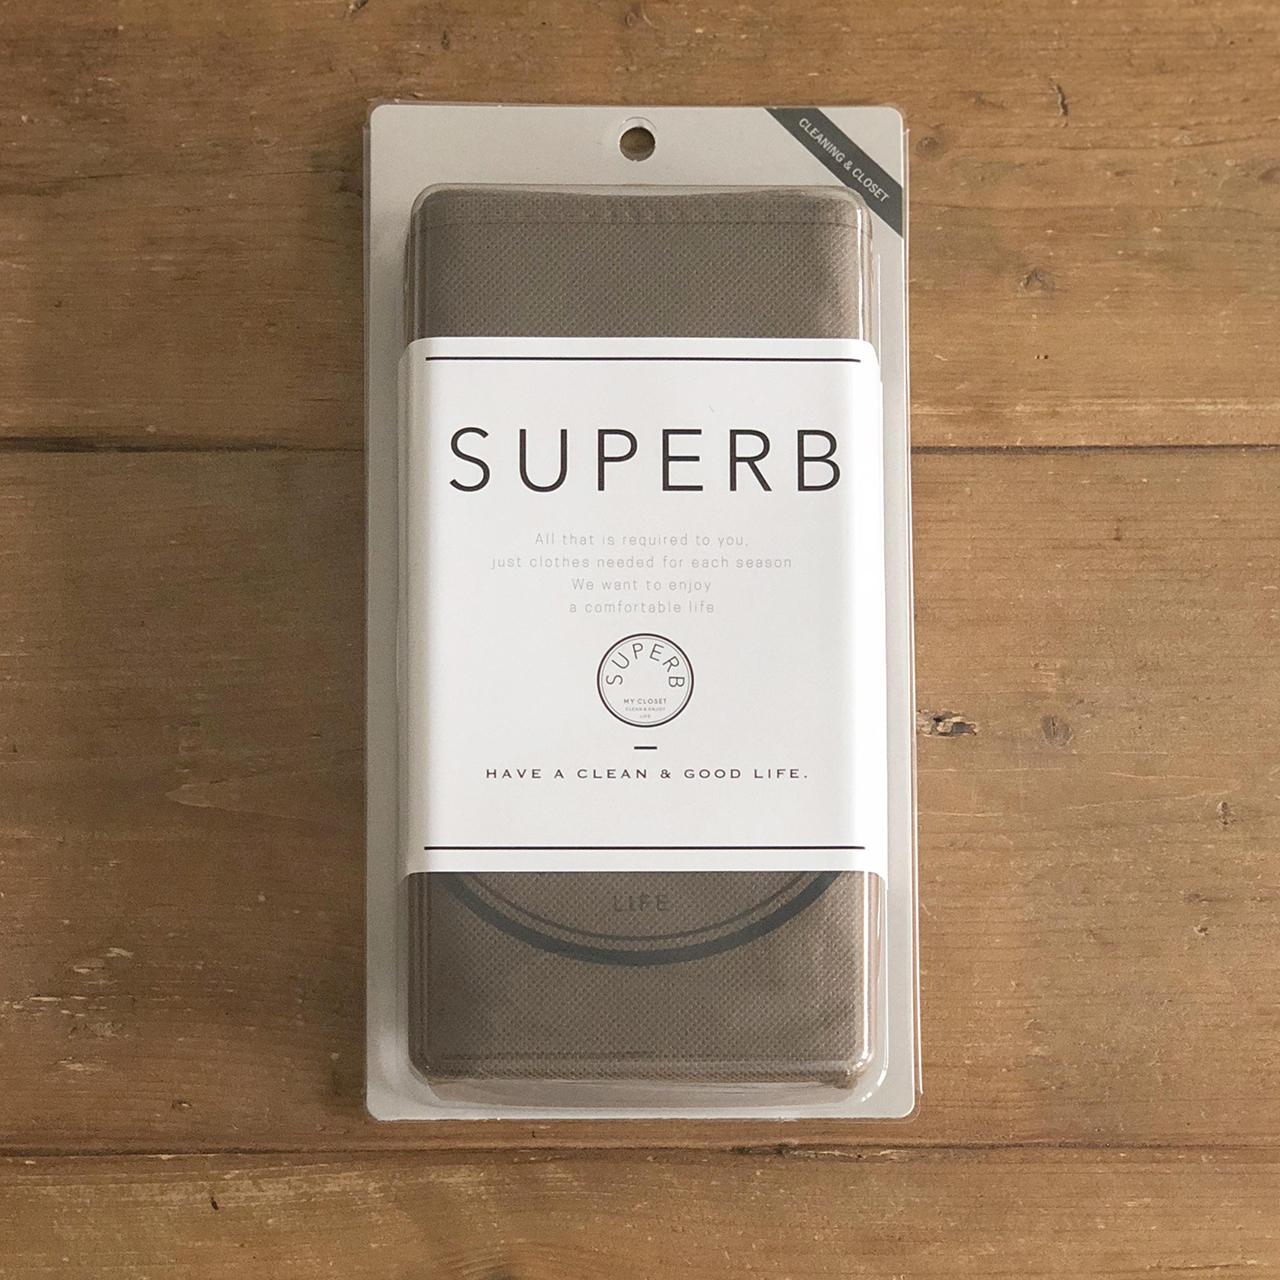 SUPERB / 衣類10点 クリーニング+保管